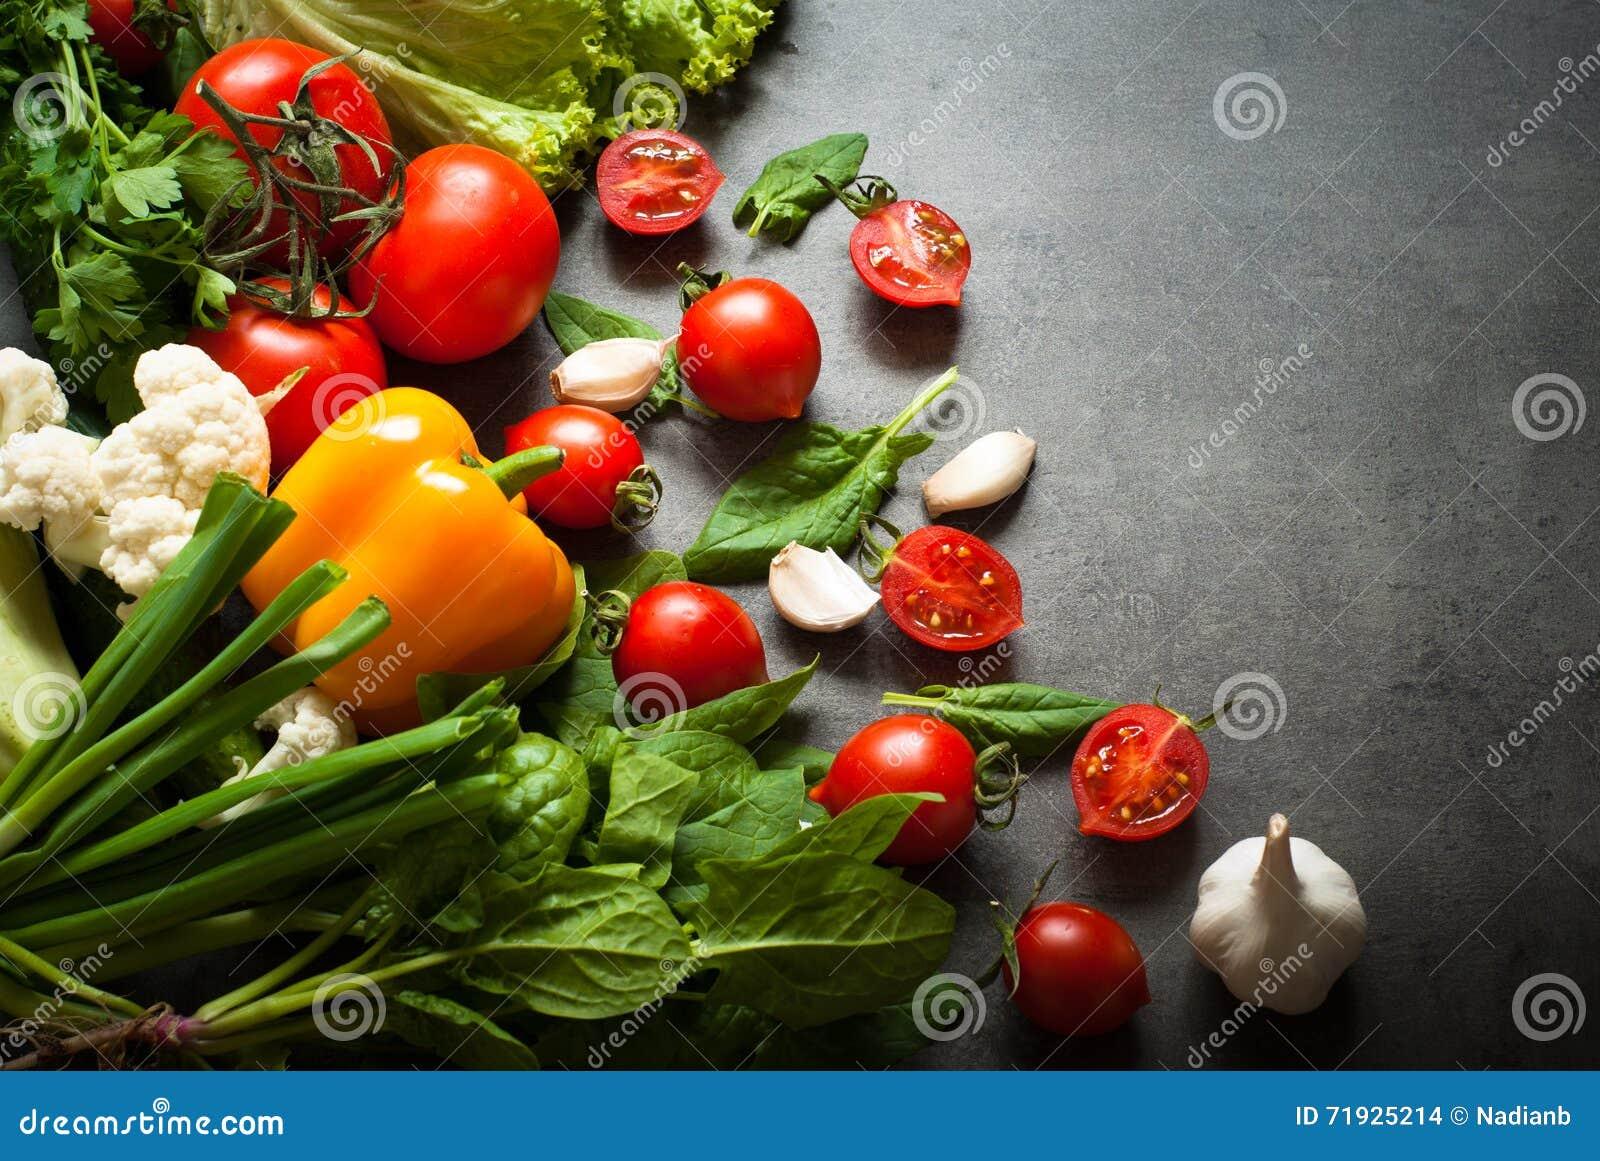 Органические свежие овощи